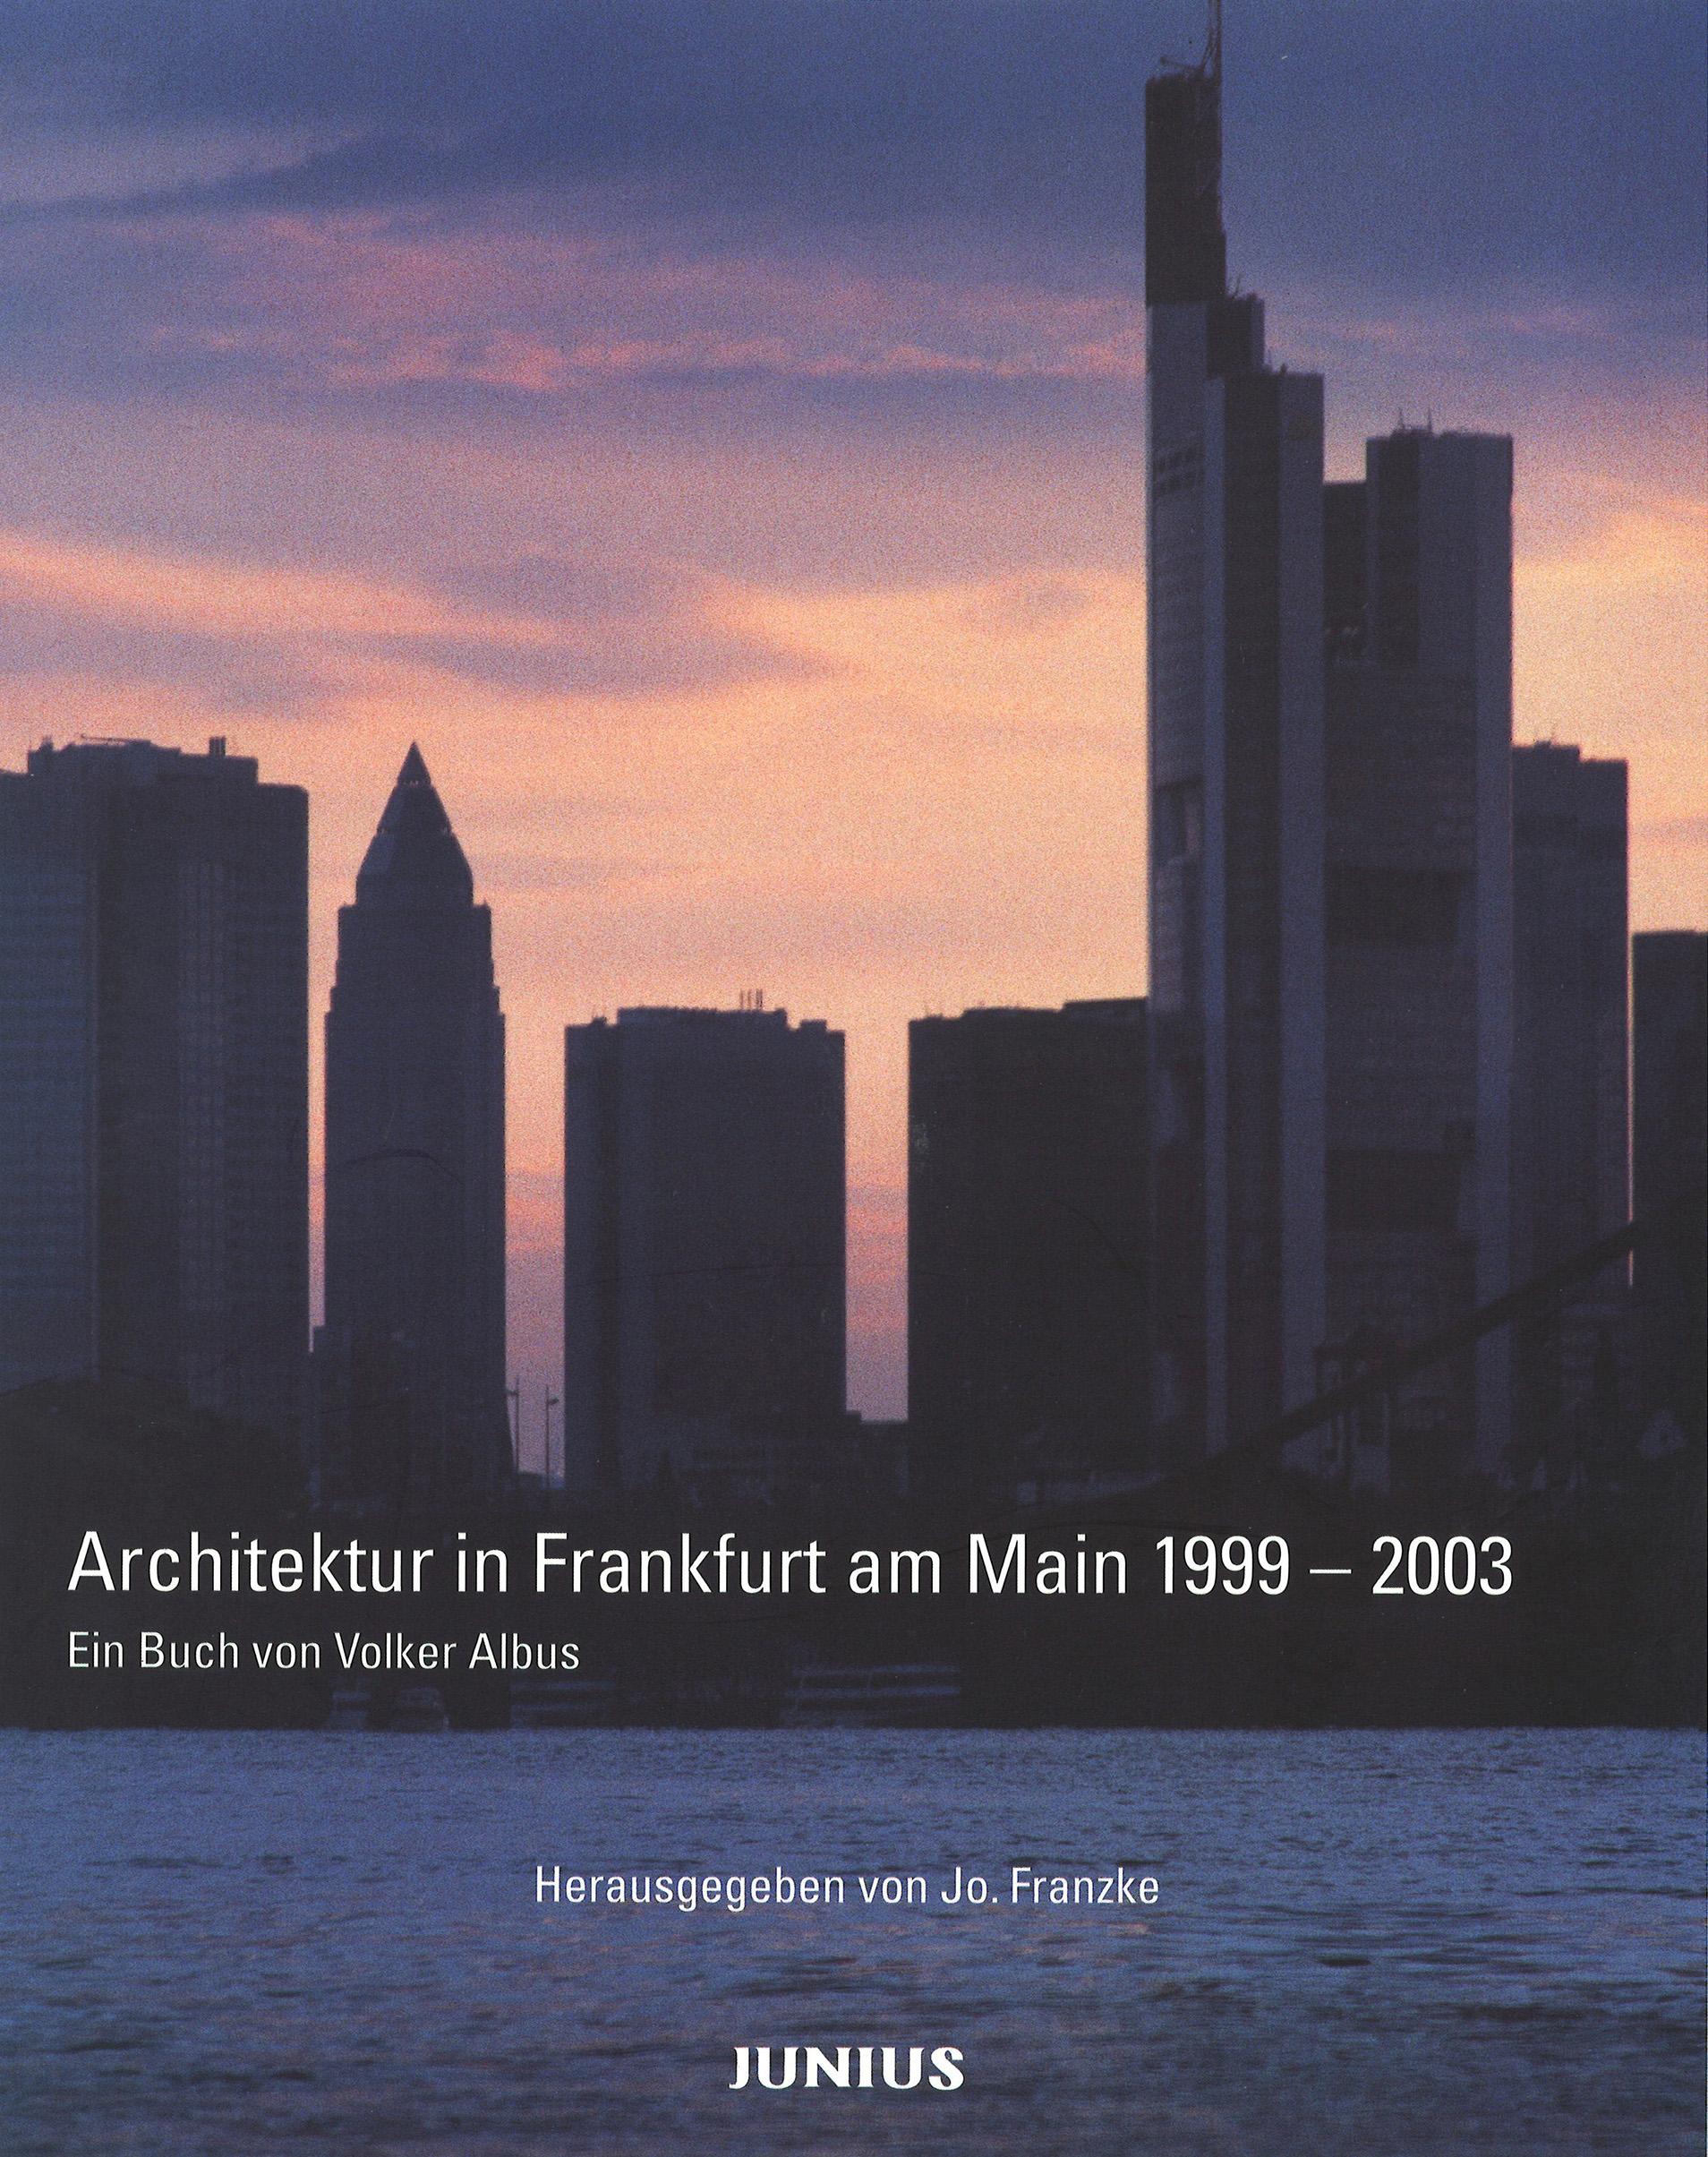 Architektur in Frankfurt am Main 1999 - 2003 Ein Buch von Volker Albus Jo. Frankzke (Hrsg.) Junius Verlag, Hamburg 2002 ISBN: 3-88506-522-3